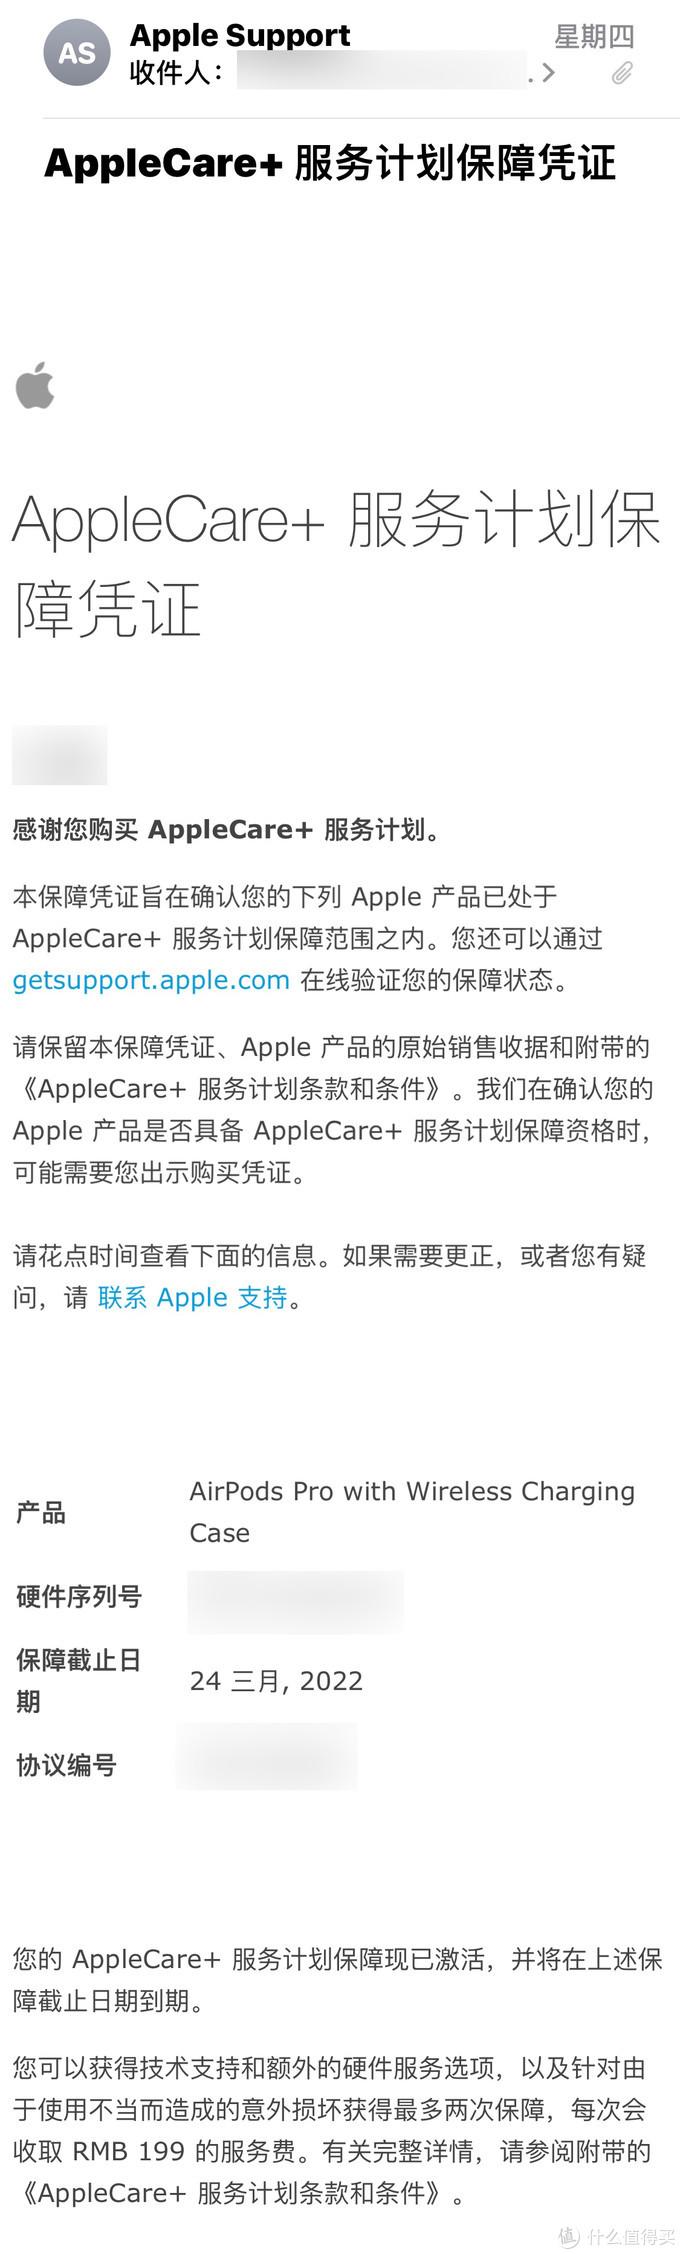 打破预算 | 拼多多Airpods Pro购买AppleCare+体验